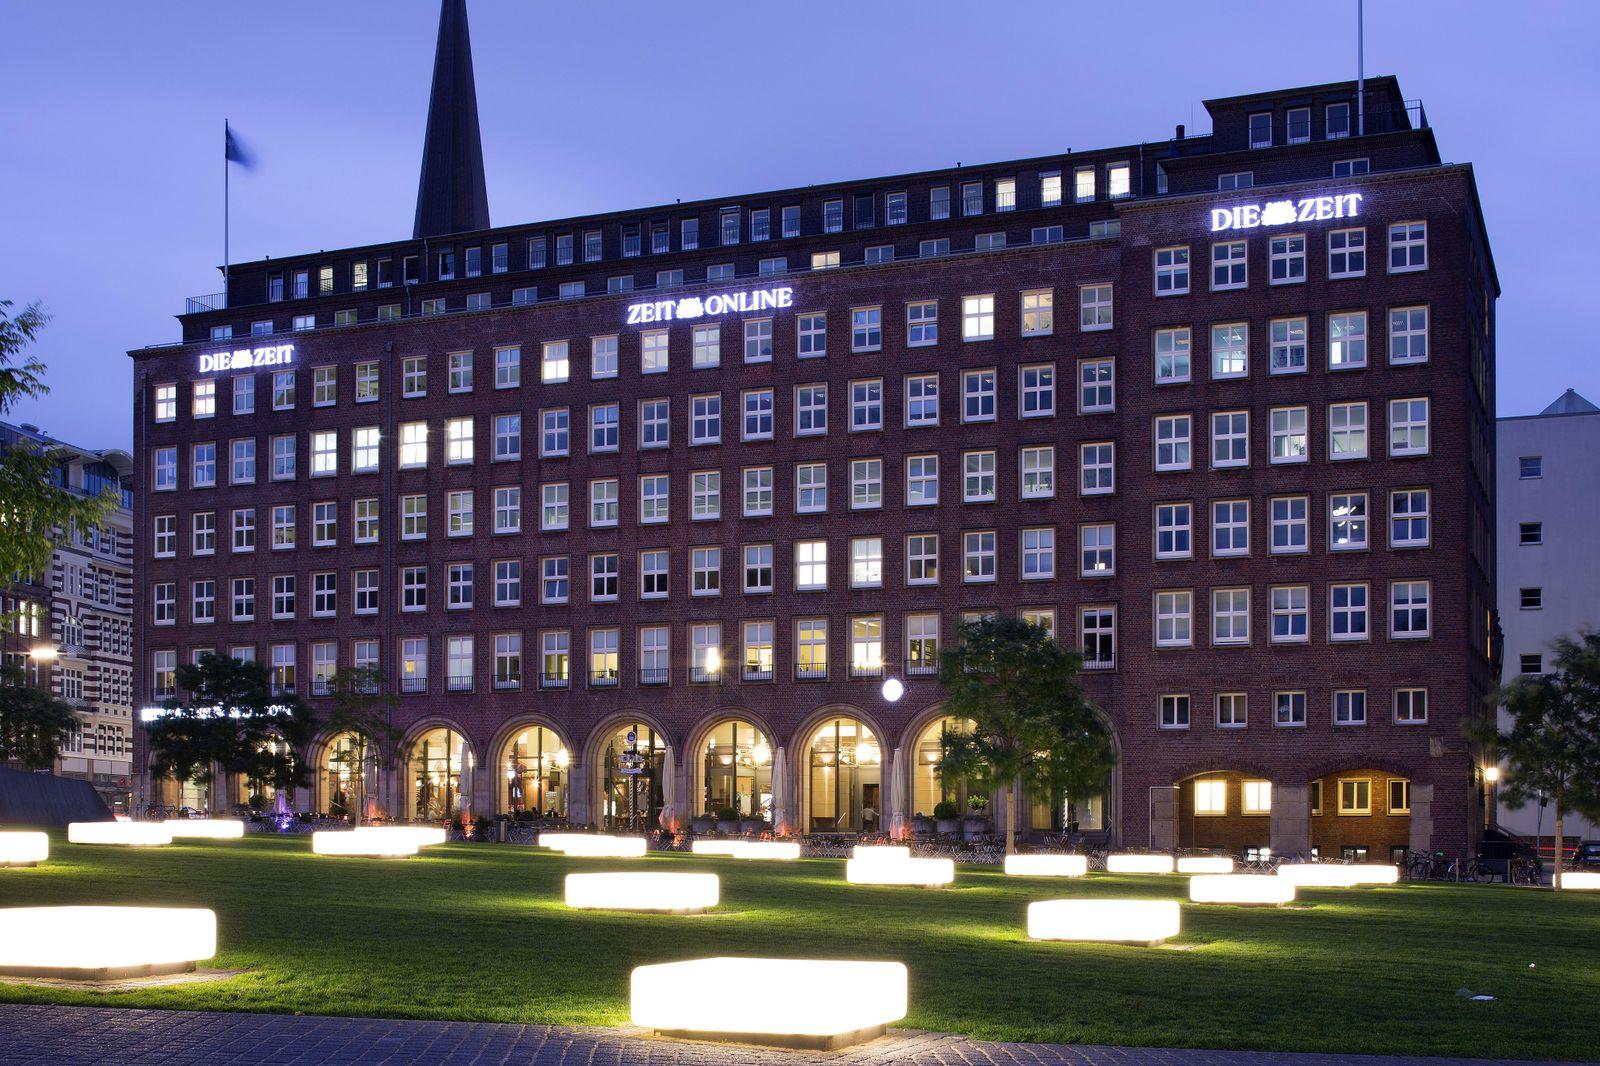 Pressehaus am Speersort, Verlag und Redaktion der Wochenzeitung DIE ZEIT, Hamburg, Deutschland, Europa